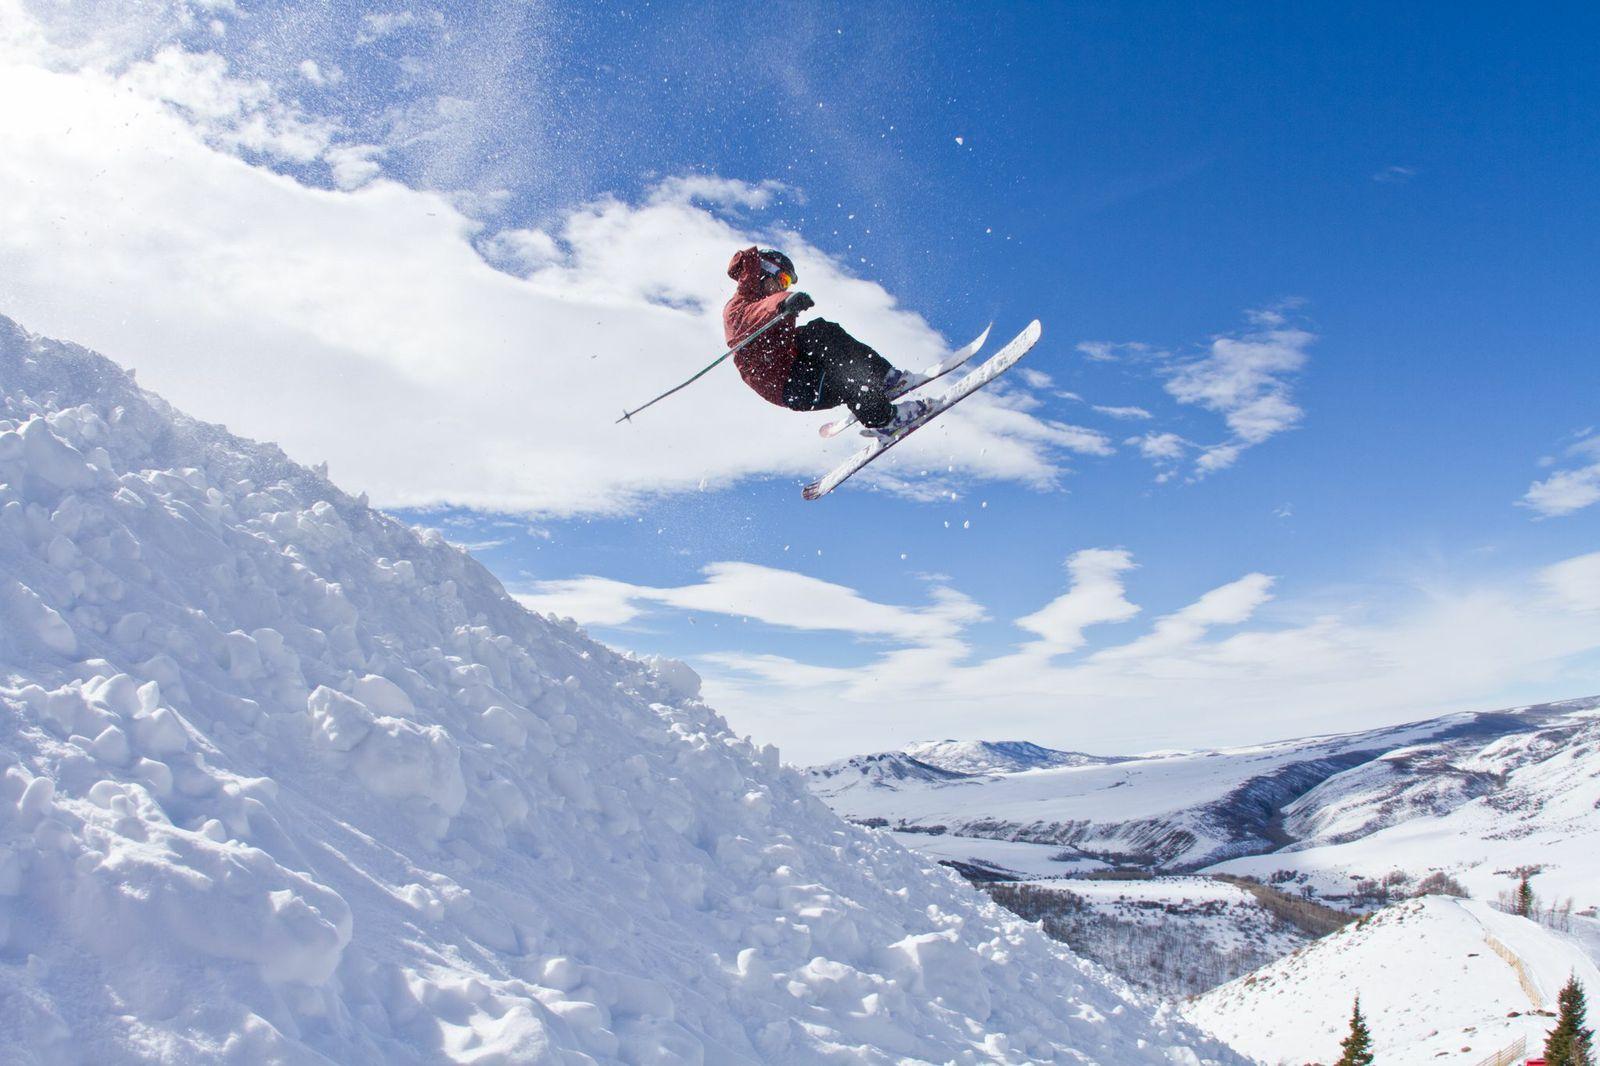 Chad Fleischer Ski Air